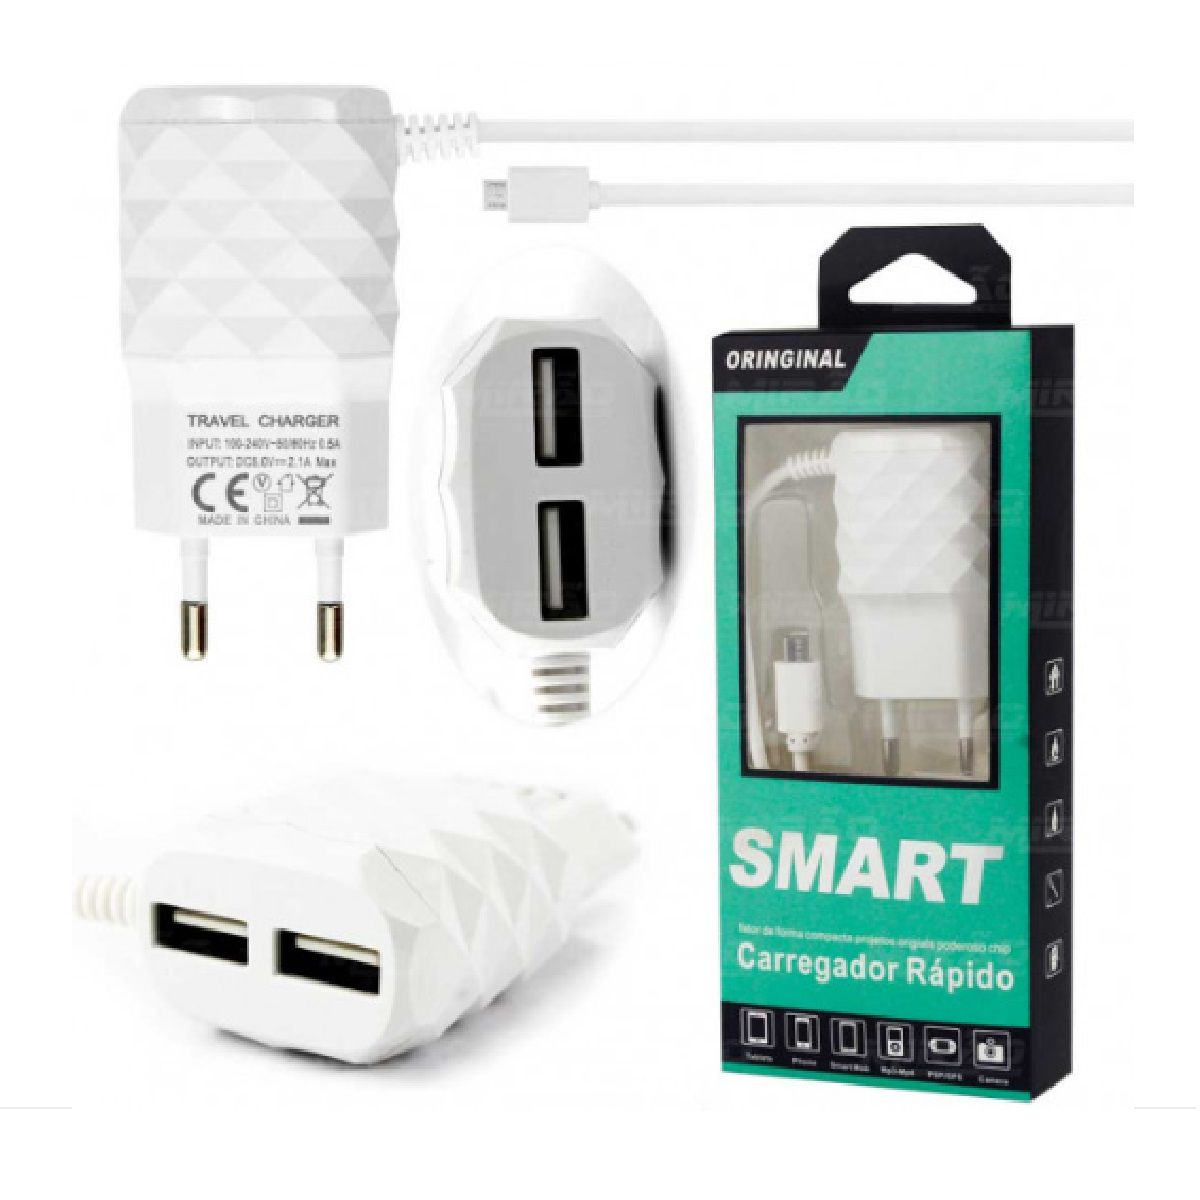 Carregador Rápido USB x 2 e Micro USB (V8) para Smartphone 4,1A Diamante